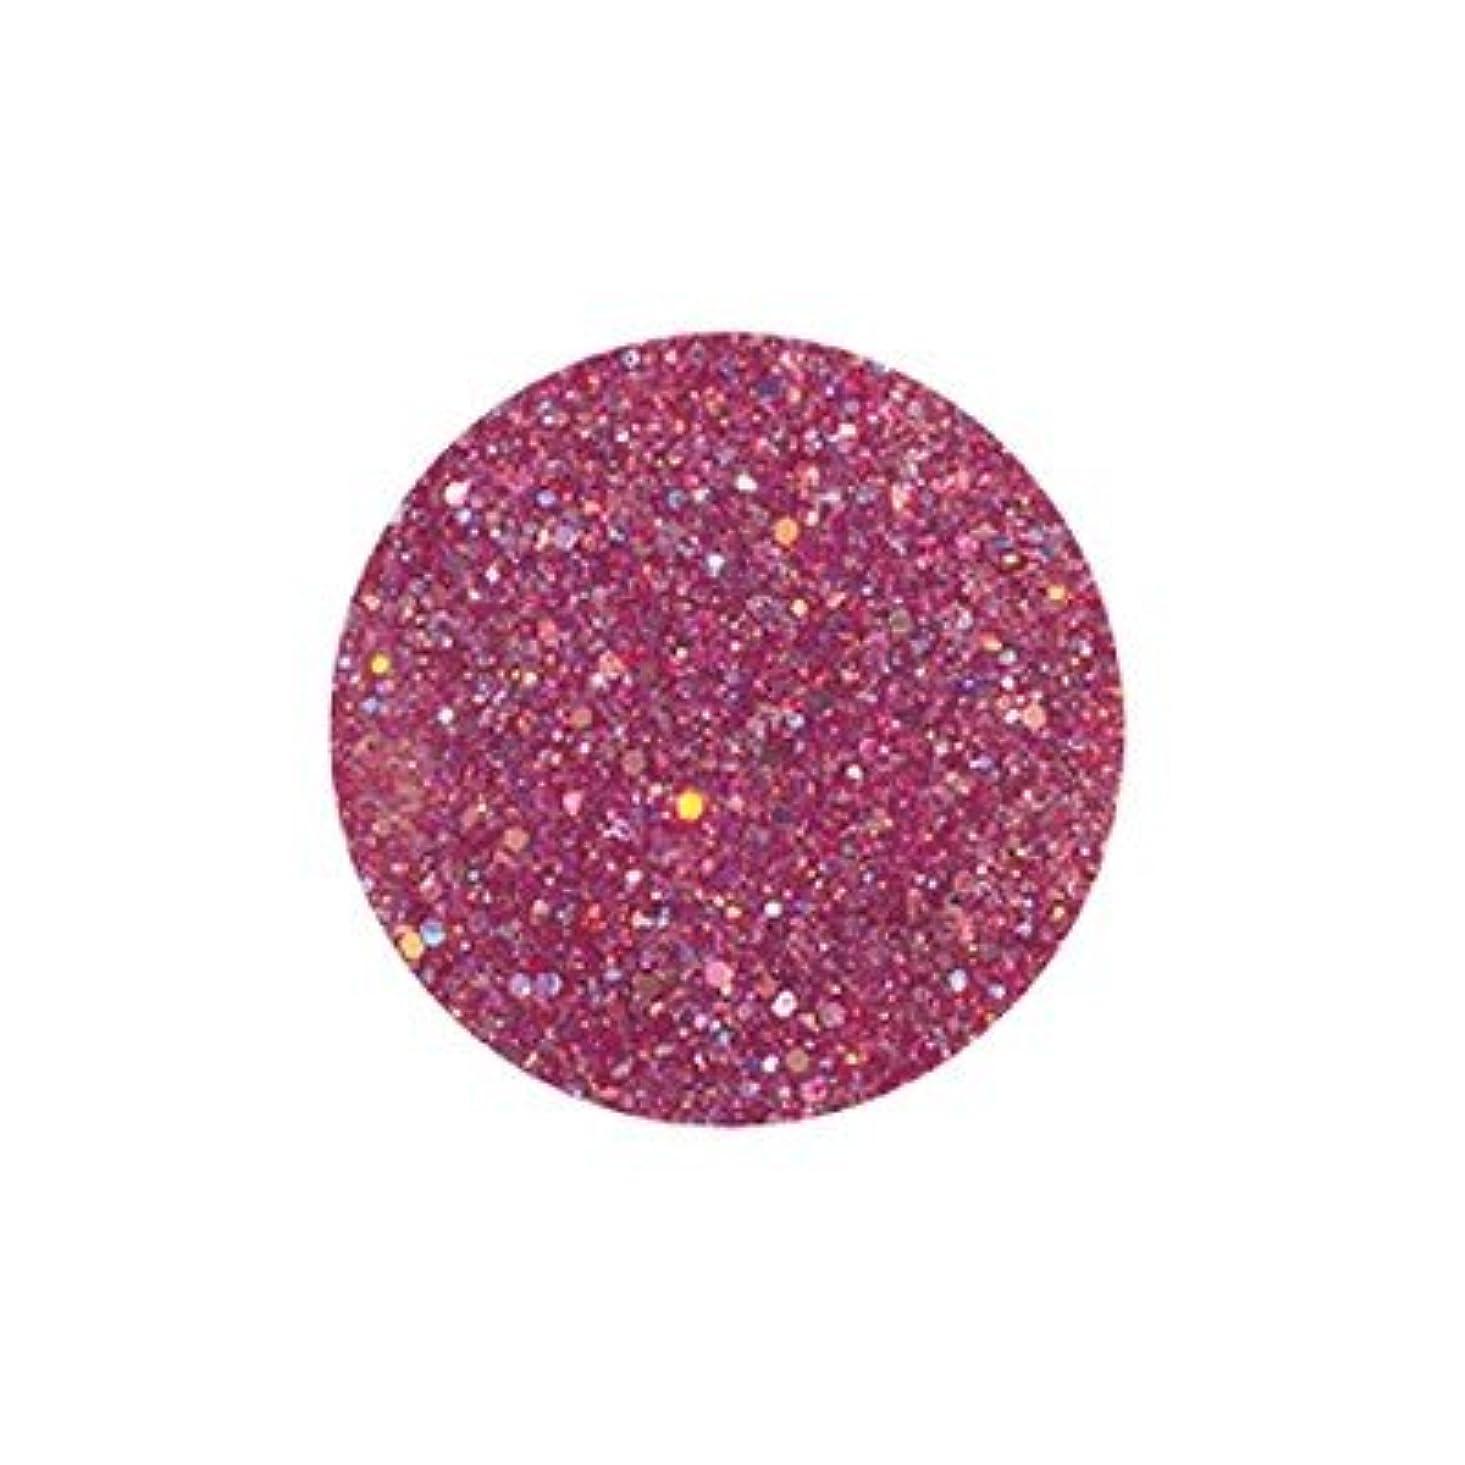 はがき医薬適合FANTASY NAIL ダイヤモンドコレクション 3g 4259XS カラーパウダー アート材